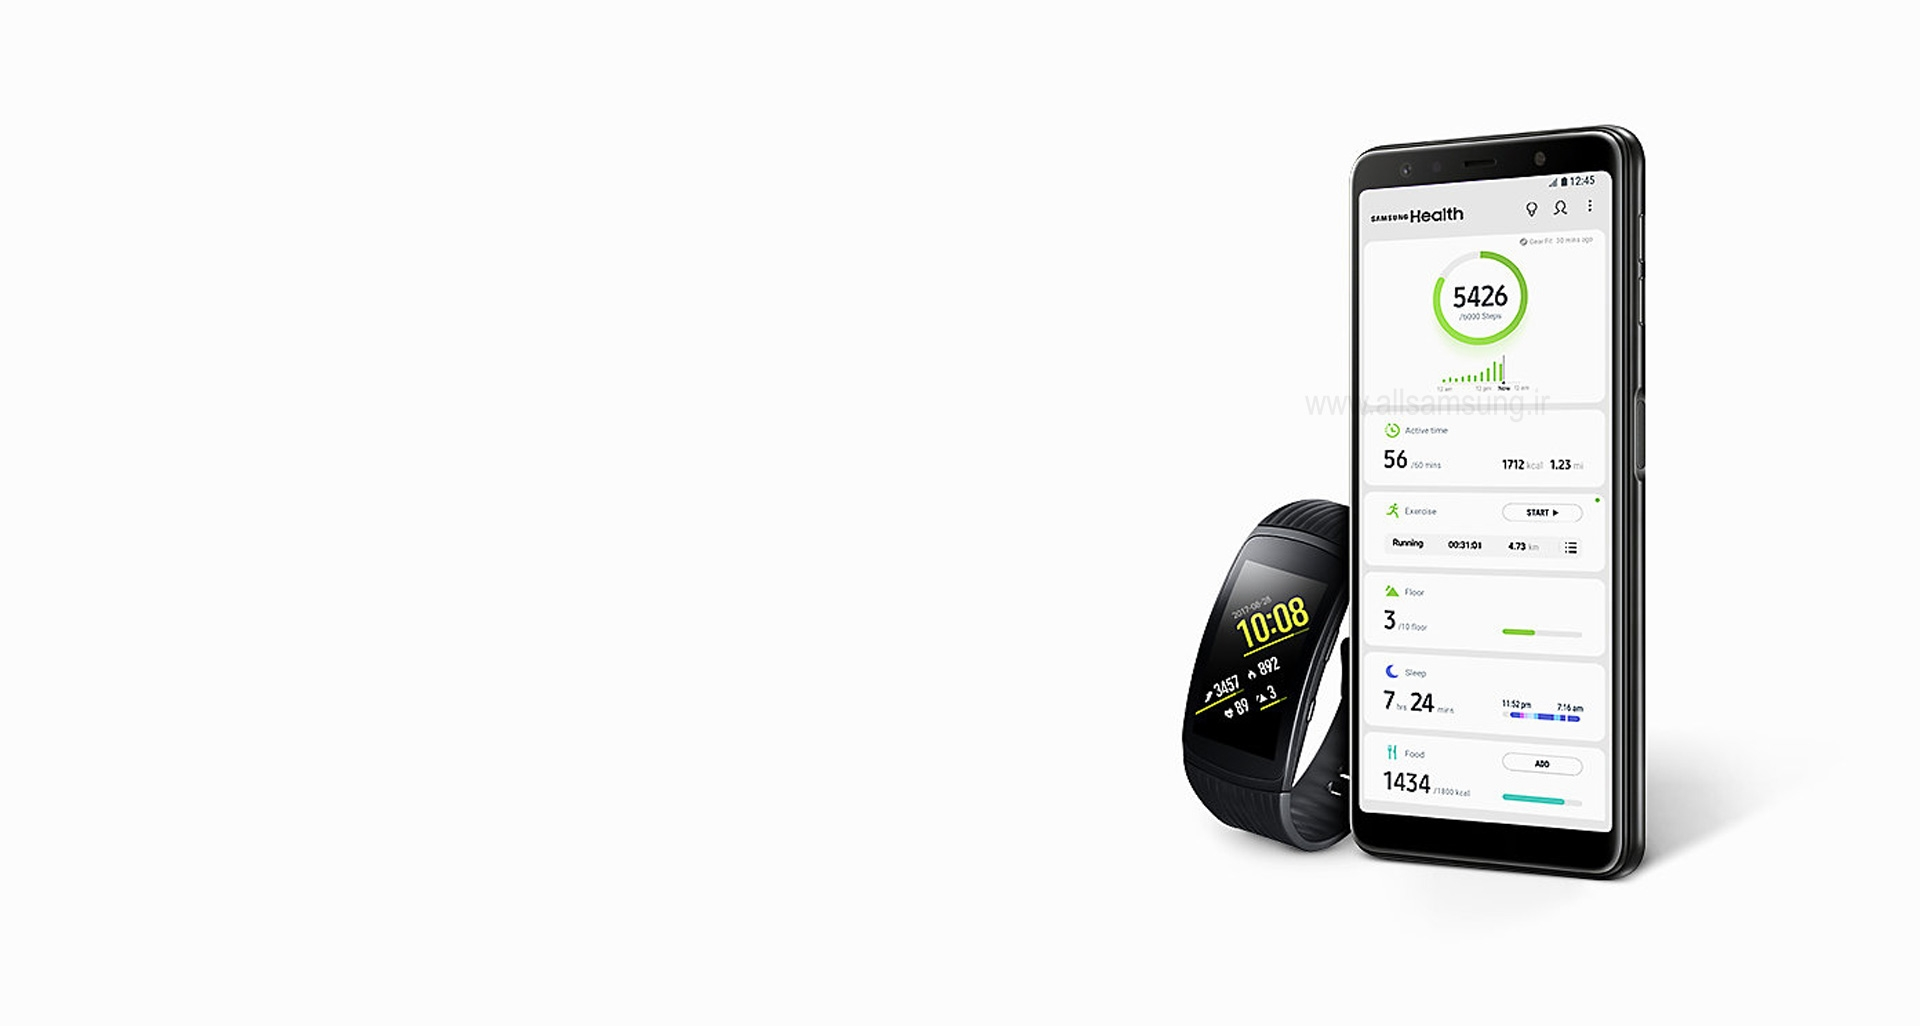 ردیابی سلامت شما با گوشی سامسونگ مدل a750fd